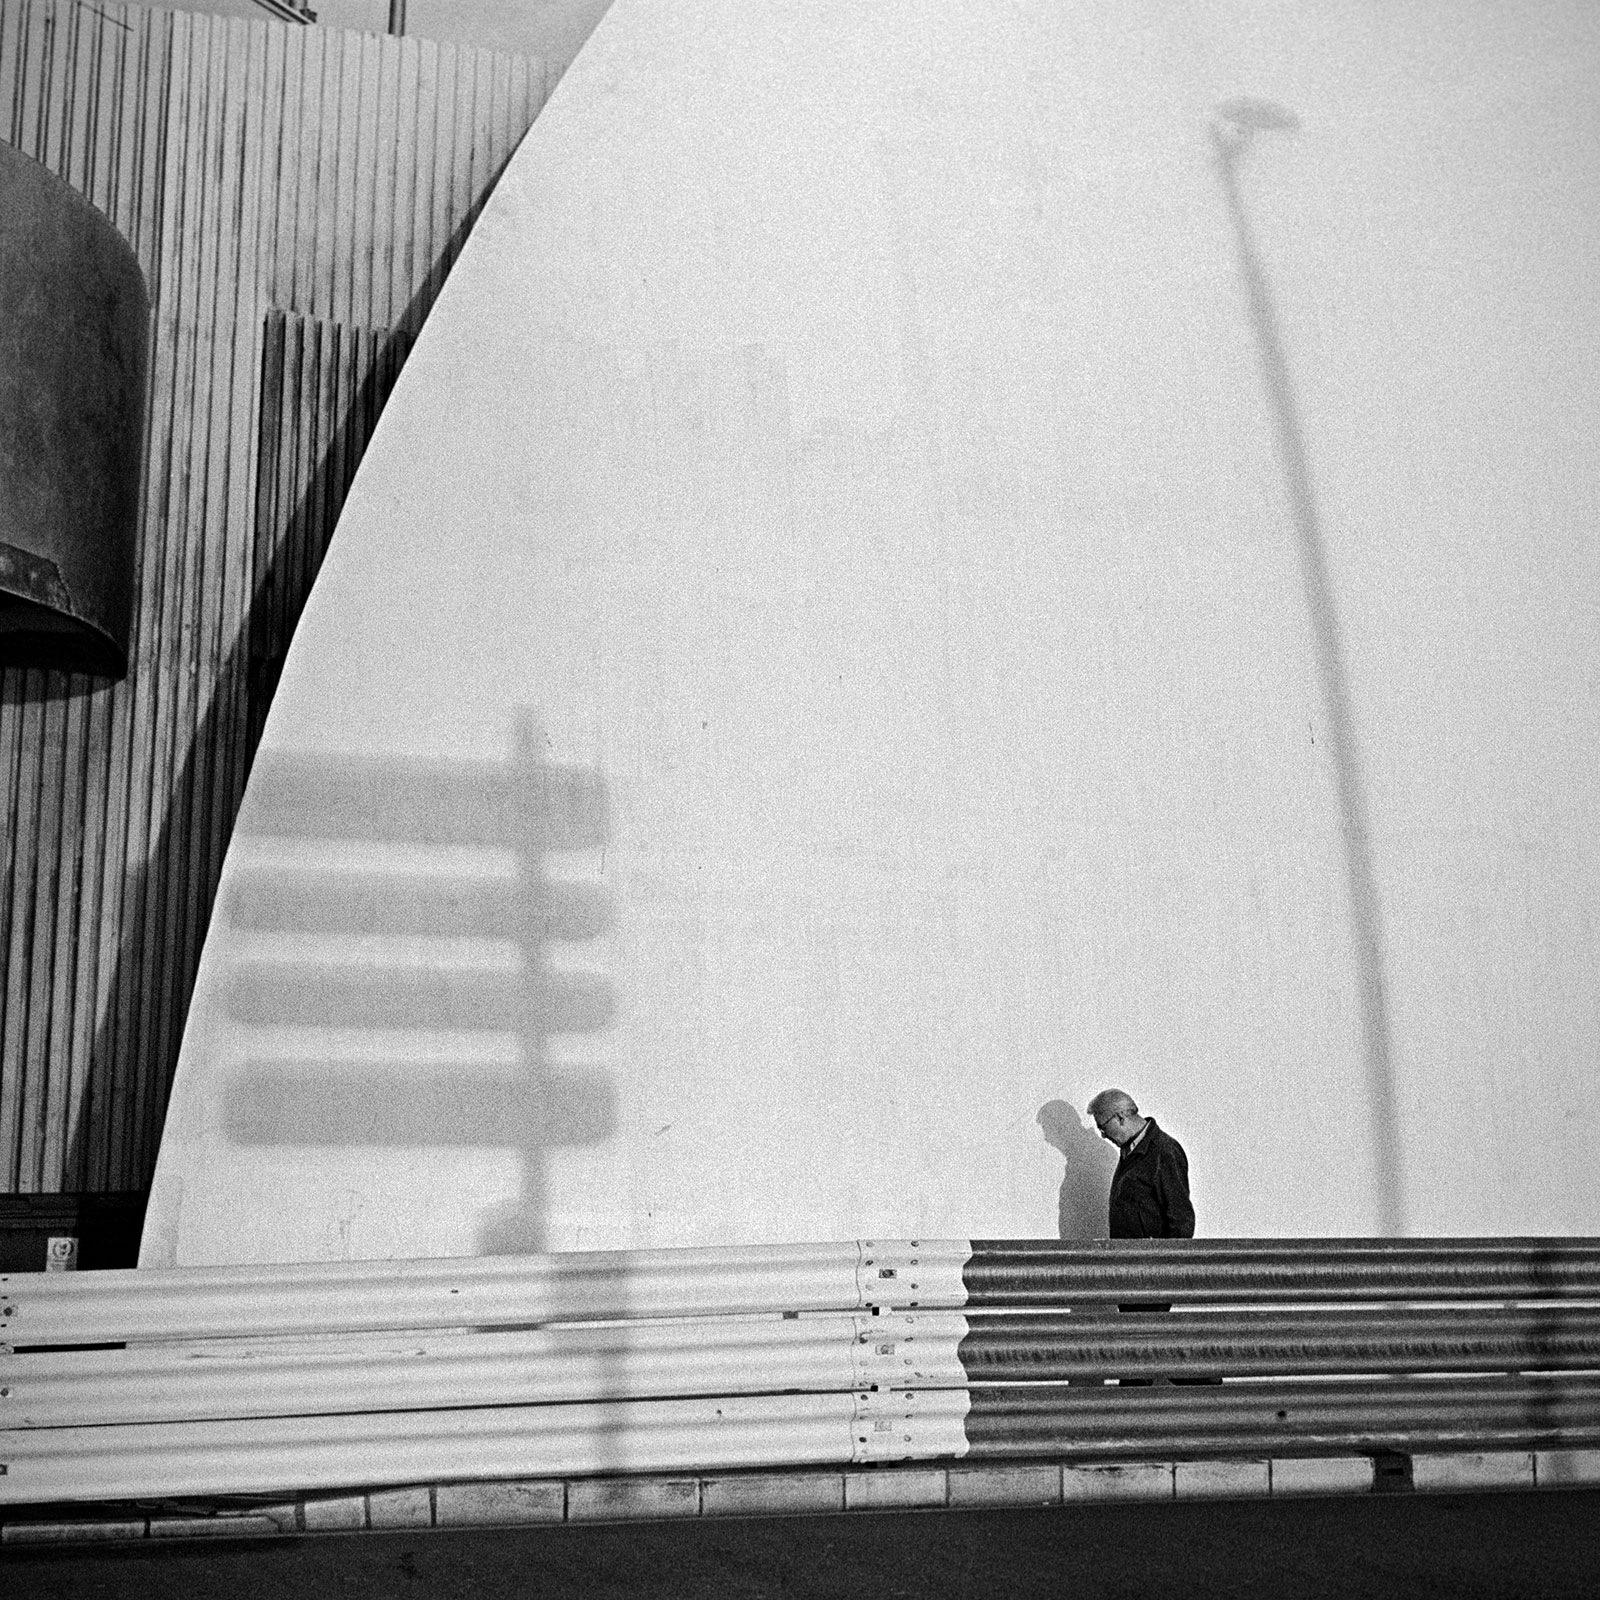 Blues for Pat by Marek Fogiel